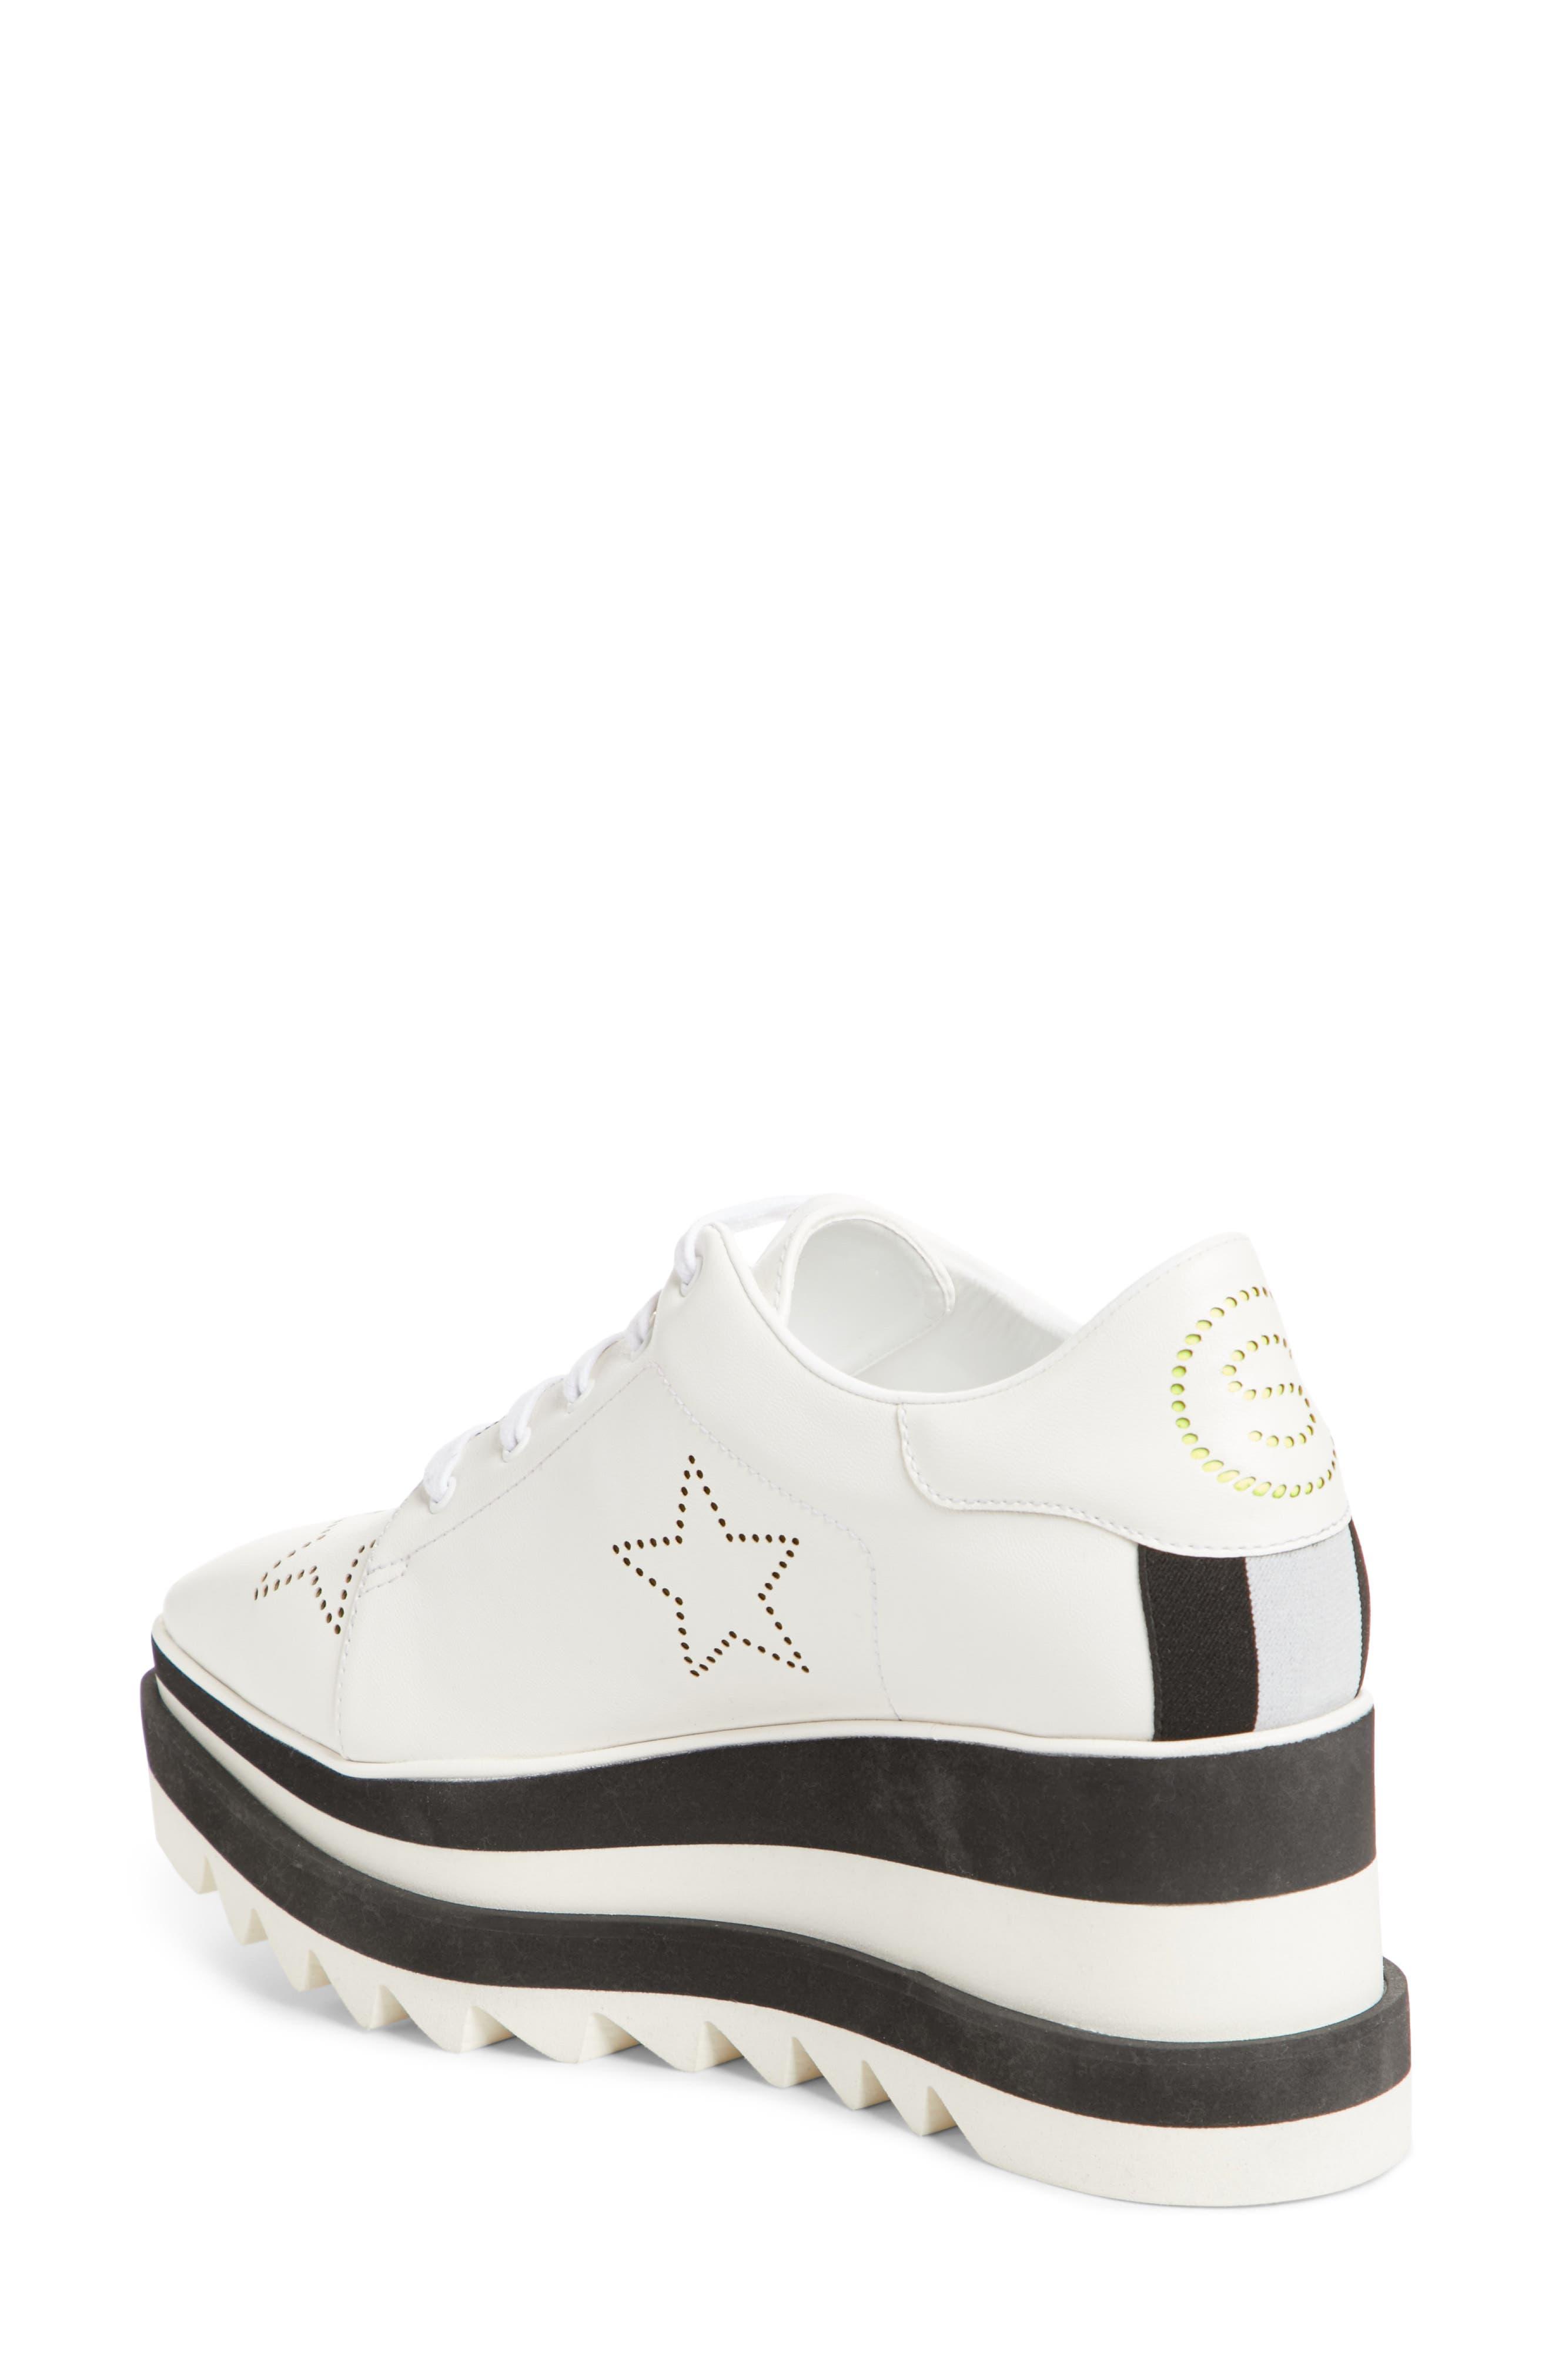 Elyse Platform Sneaker,                             Alternate thumbnail 2, color,                             White